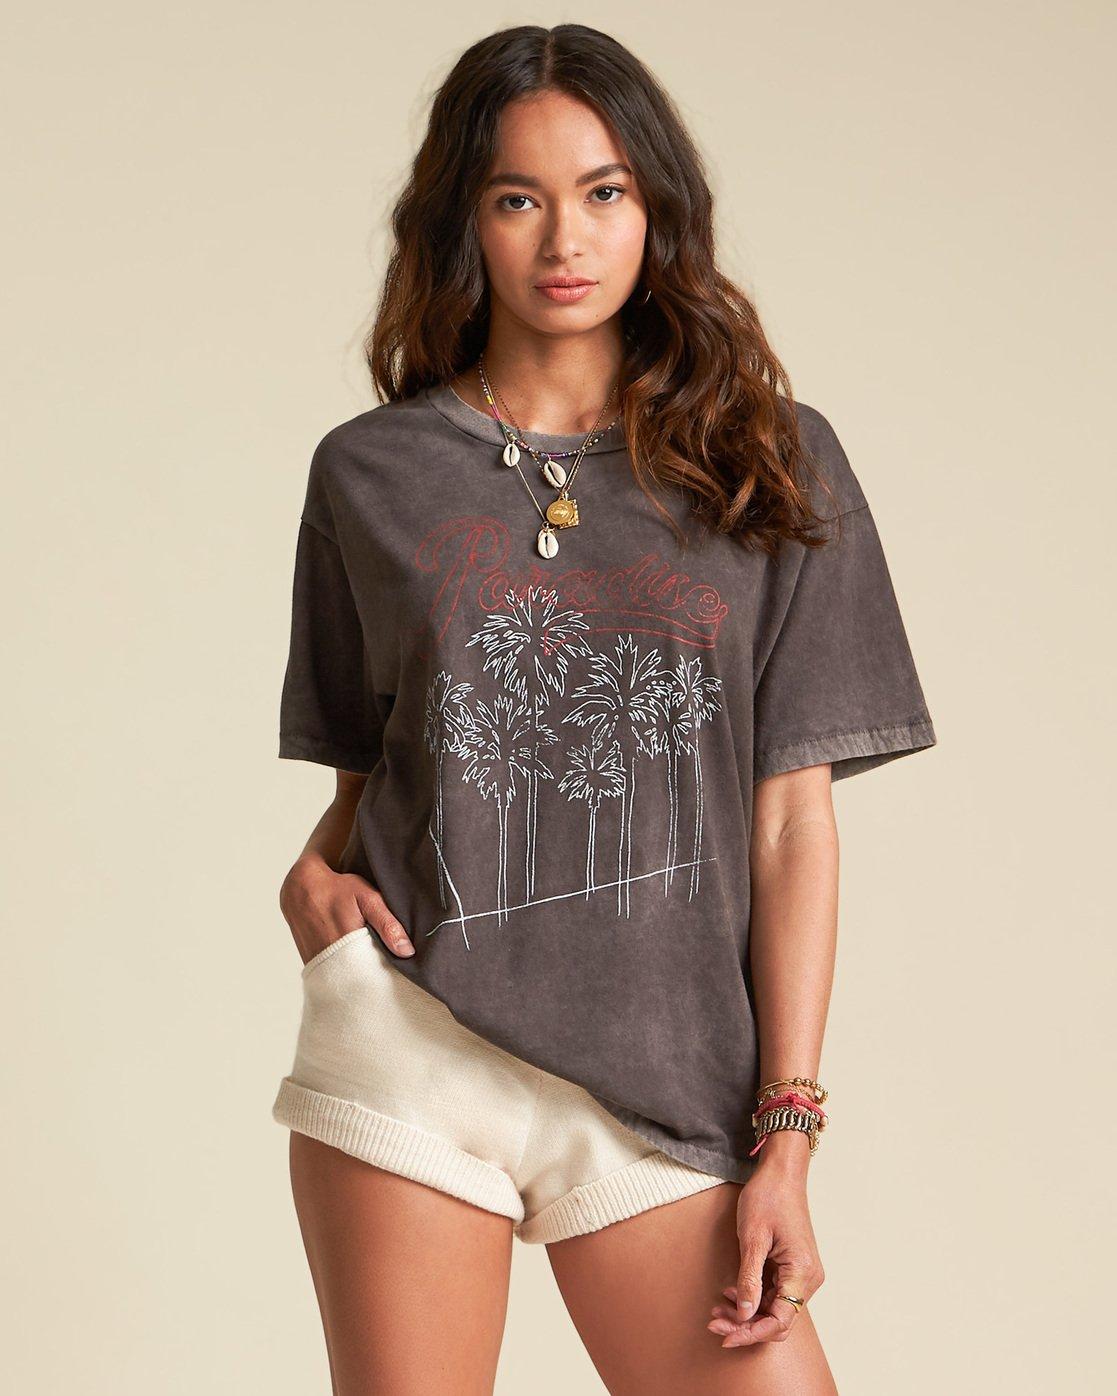 Billabong Womens Sincerely Jules Worn Away T-Shirt